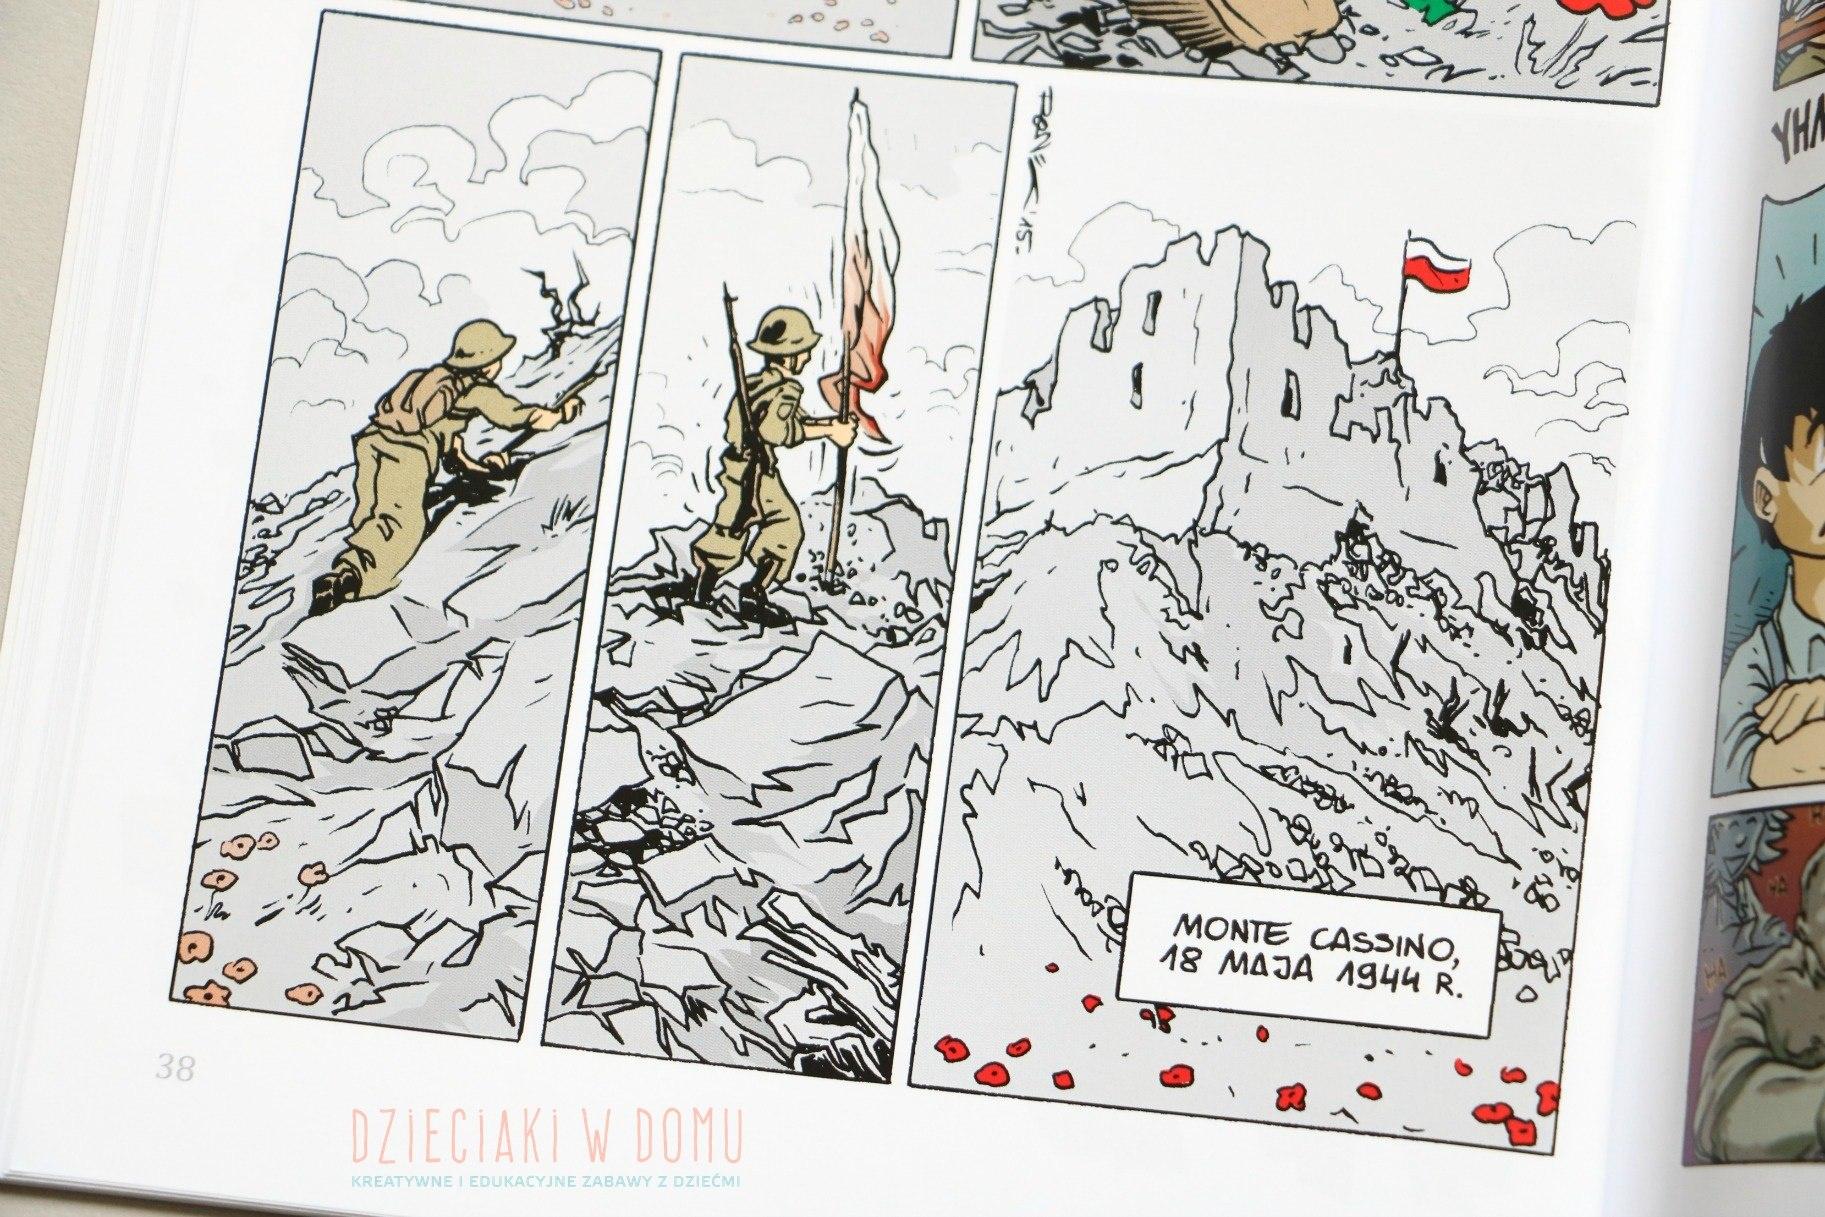 wojenna odyseja antka srebrnego - komiks historyczny dla dzieci